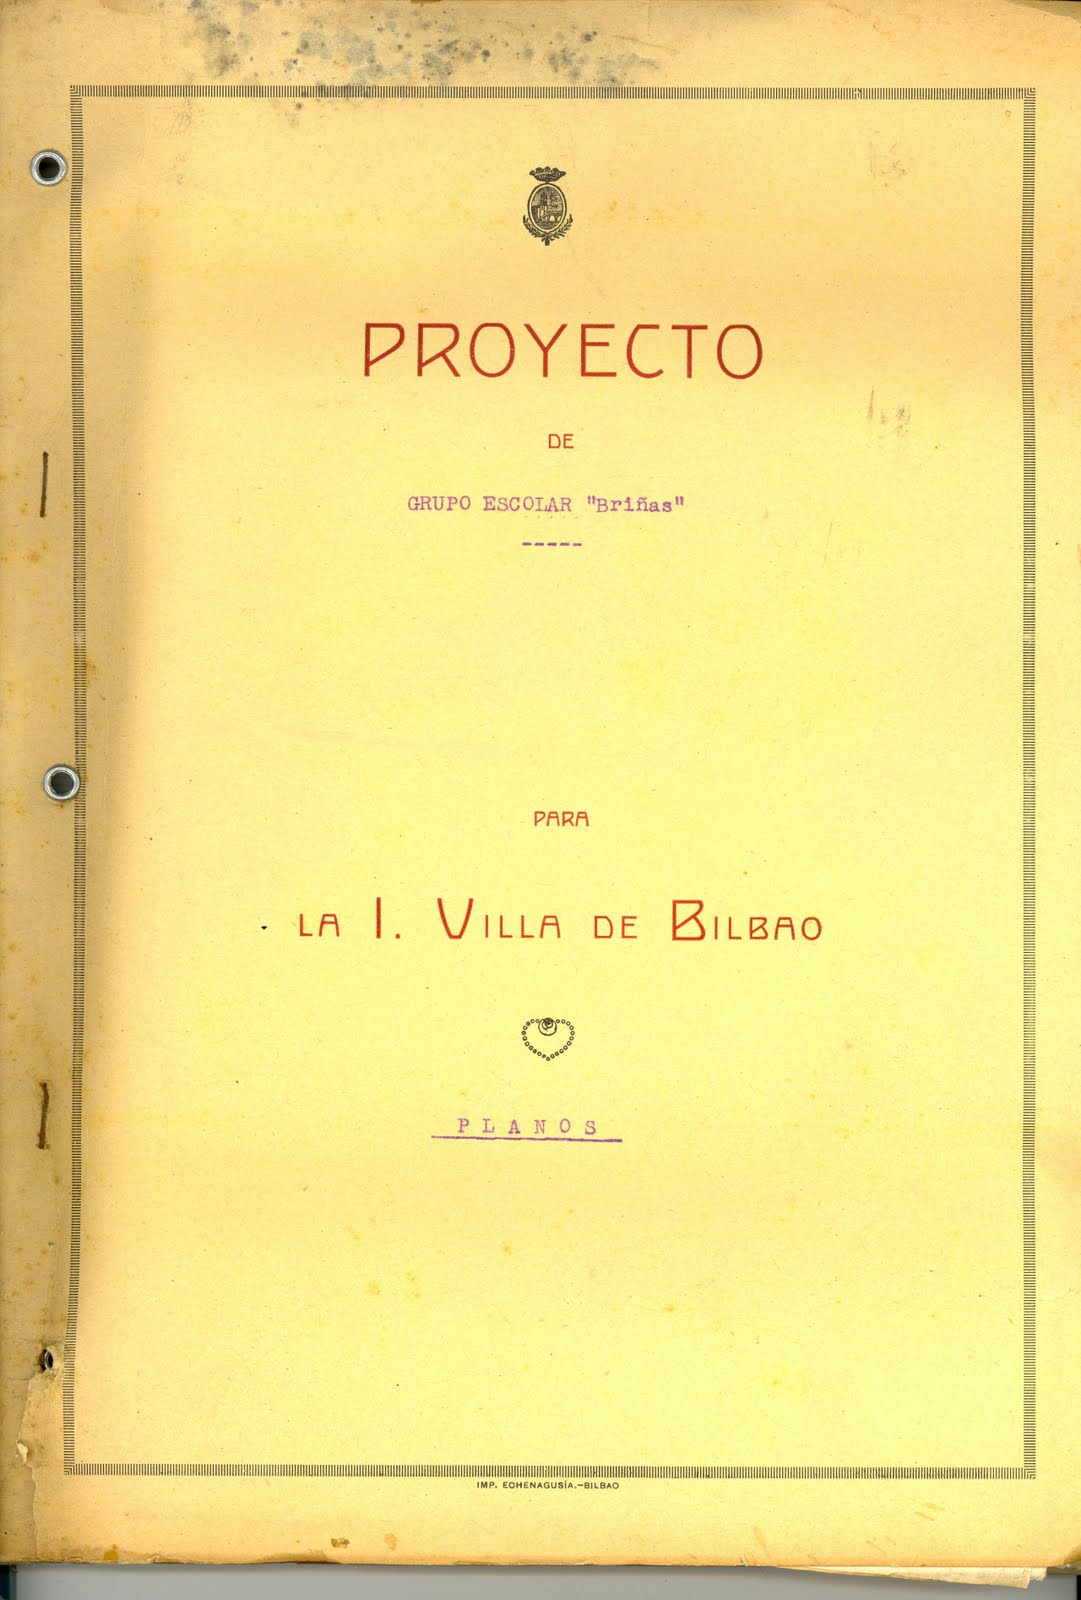 75 Aniversario Del Grupo Escolar Luis Bri As Proyecto Del